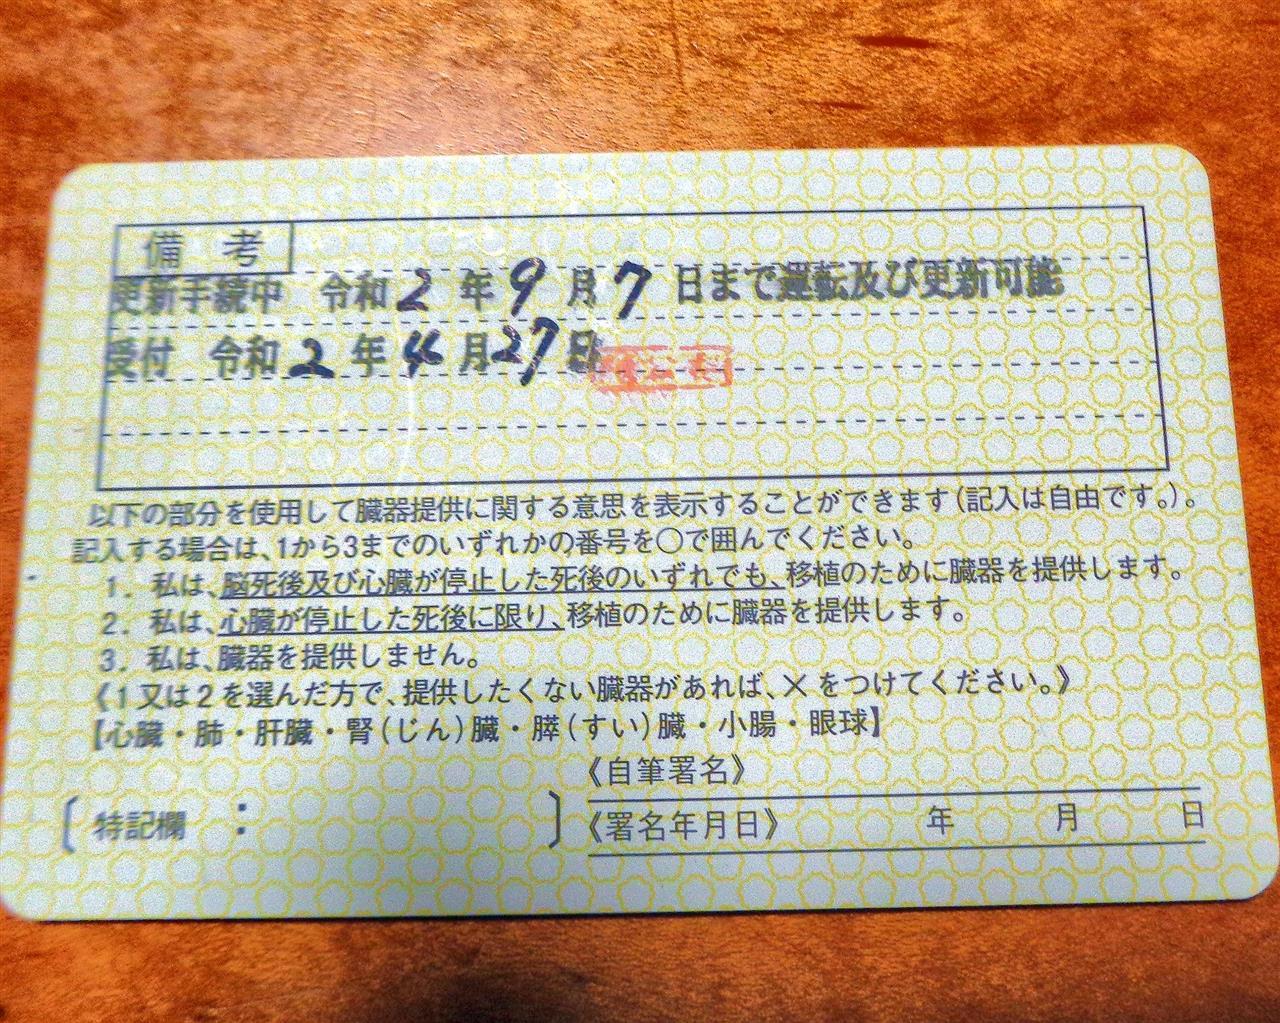 大阪府警 免許更新 延長 大阪府警、免許更新延長手続きを郵送可能に コロナ感染拡大で:...